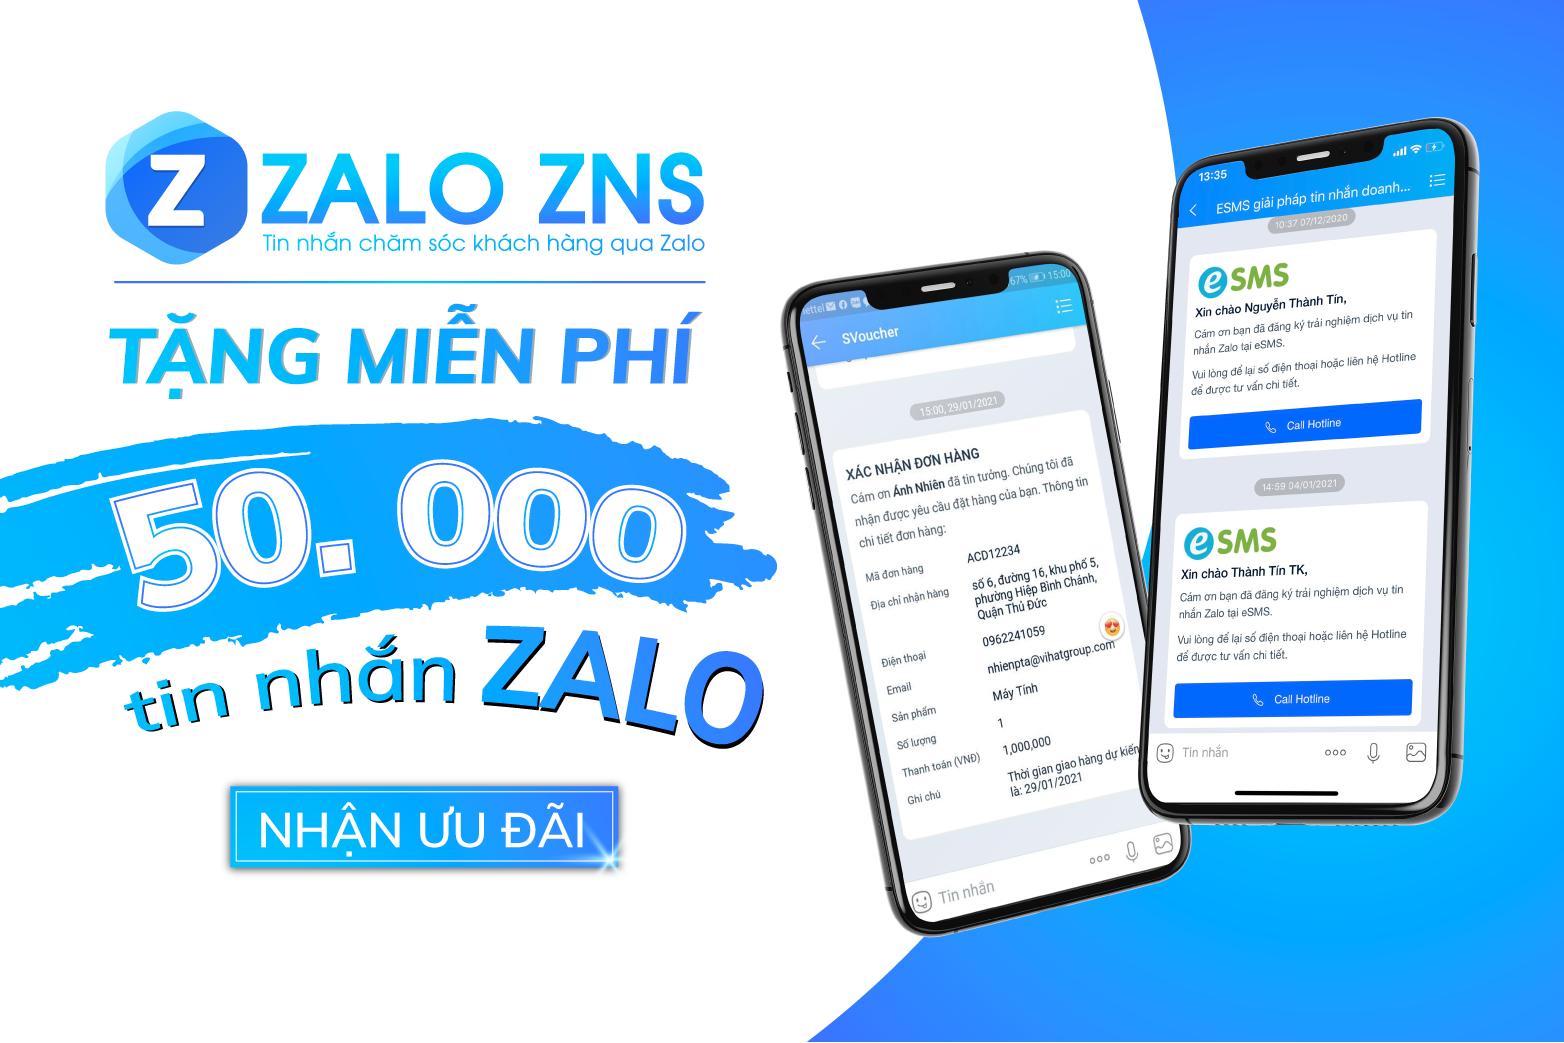 tang-tin-nhan-zalo-zns-mien-phi